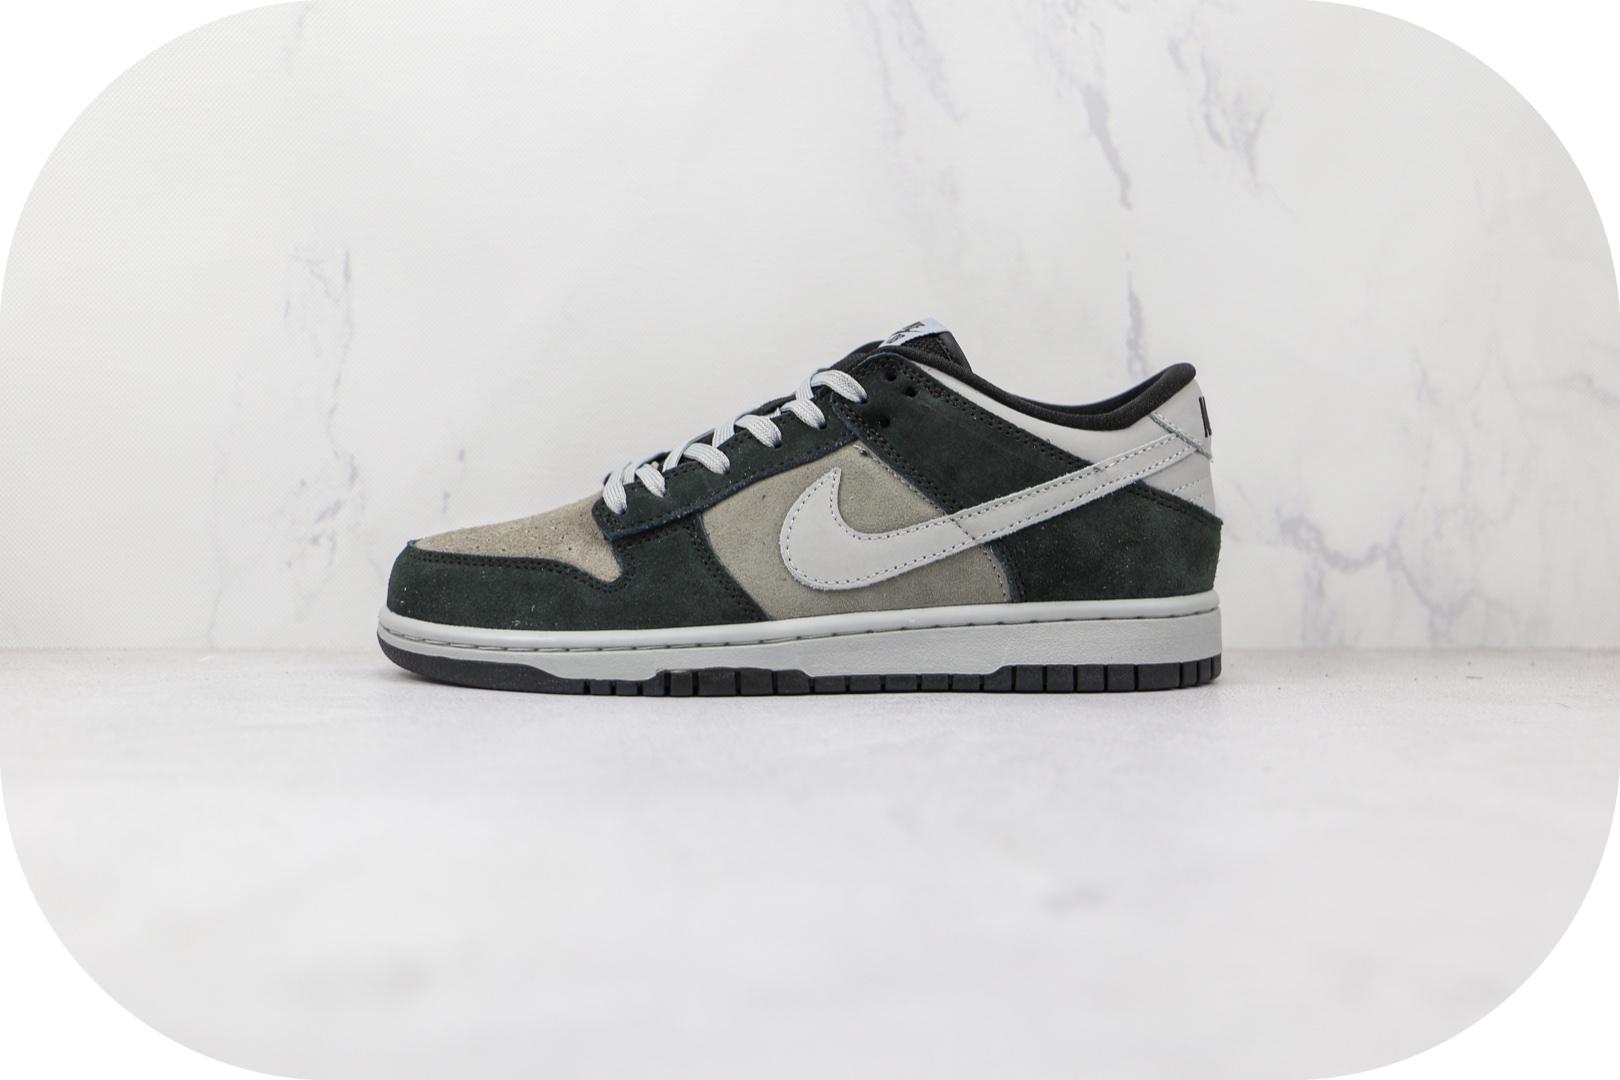 耐克Nike Dunk Low Retro PRM Zebra Anthracite纯原版本低帮SB DUNK麂皮碳黑灰色板鞋原档案数据开发 货号:DH7913-001